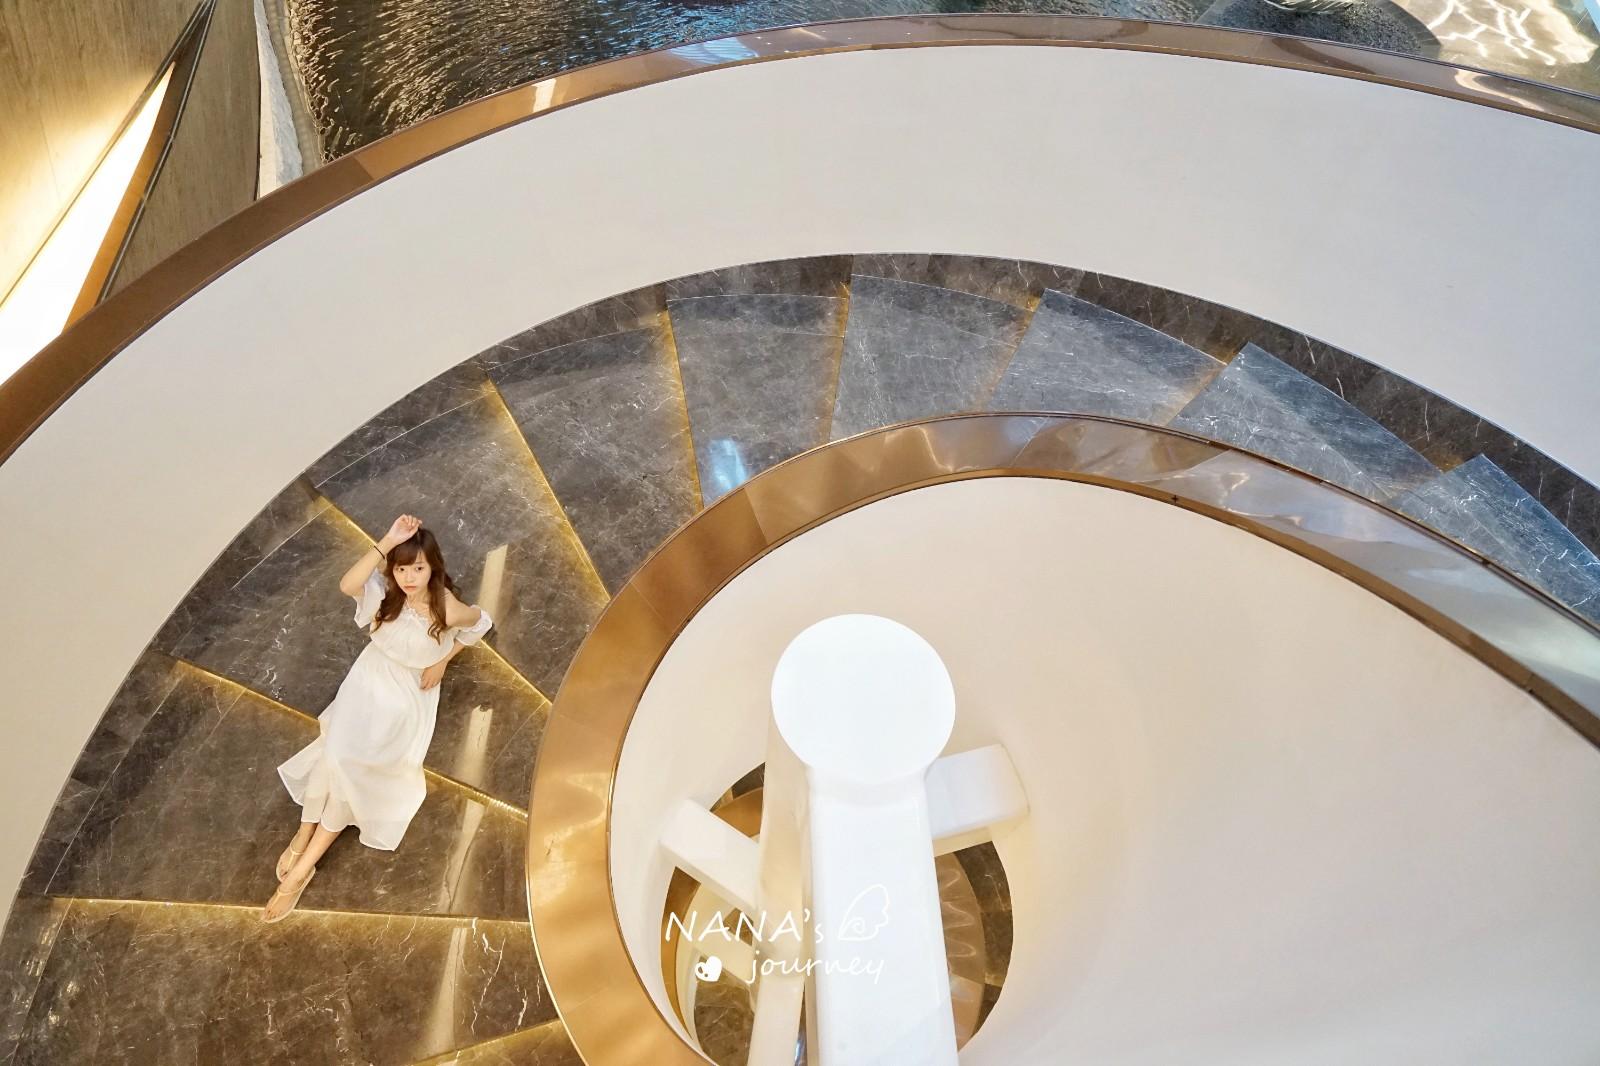 【上海微旅游】跟着电视剧来打卡,一起入住上海虹桥的网红酒店